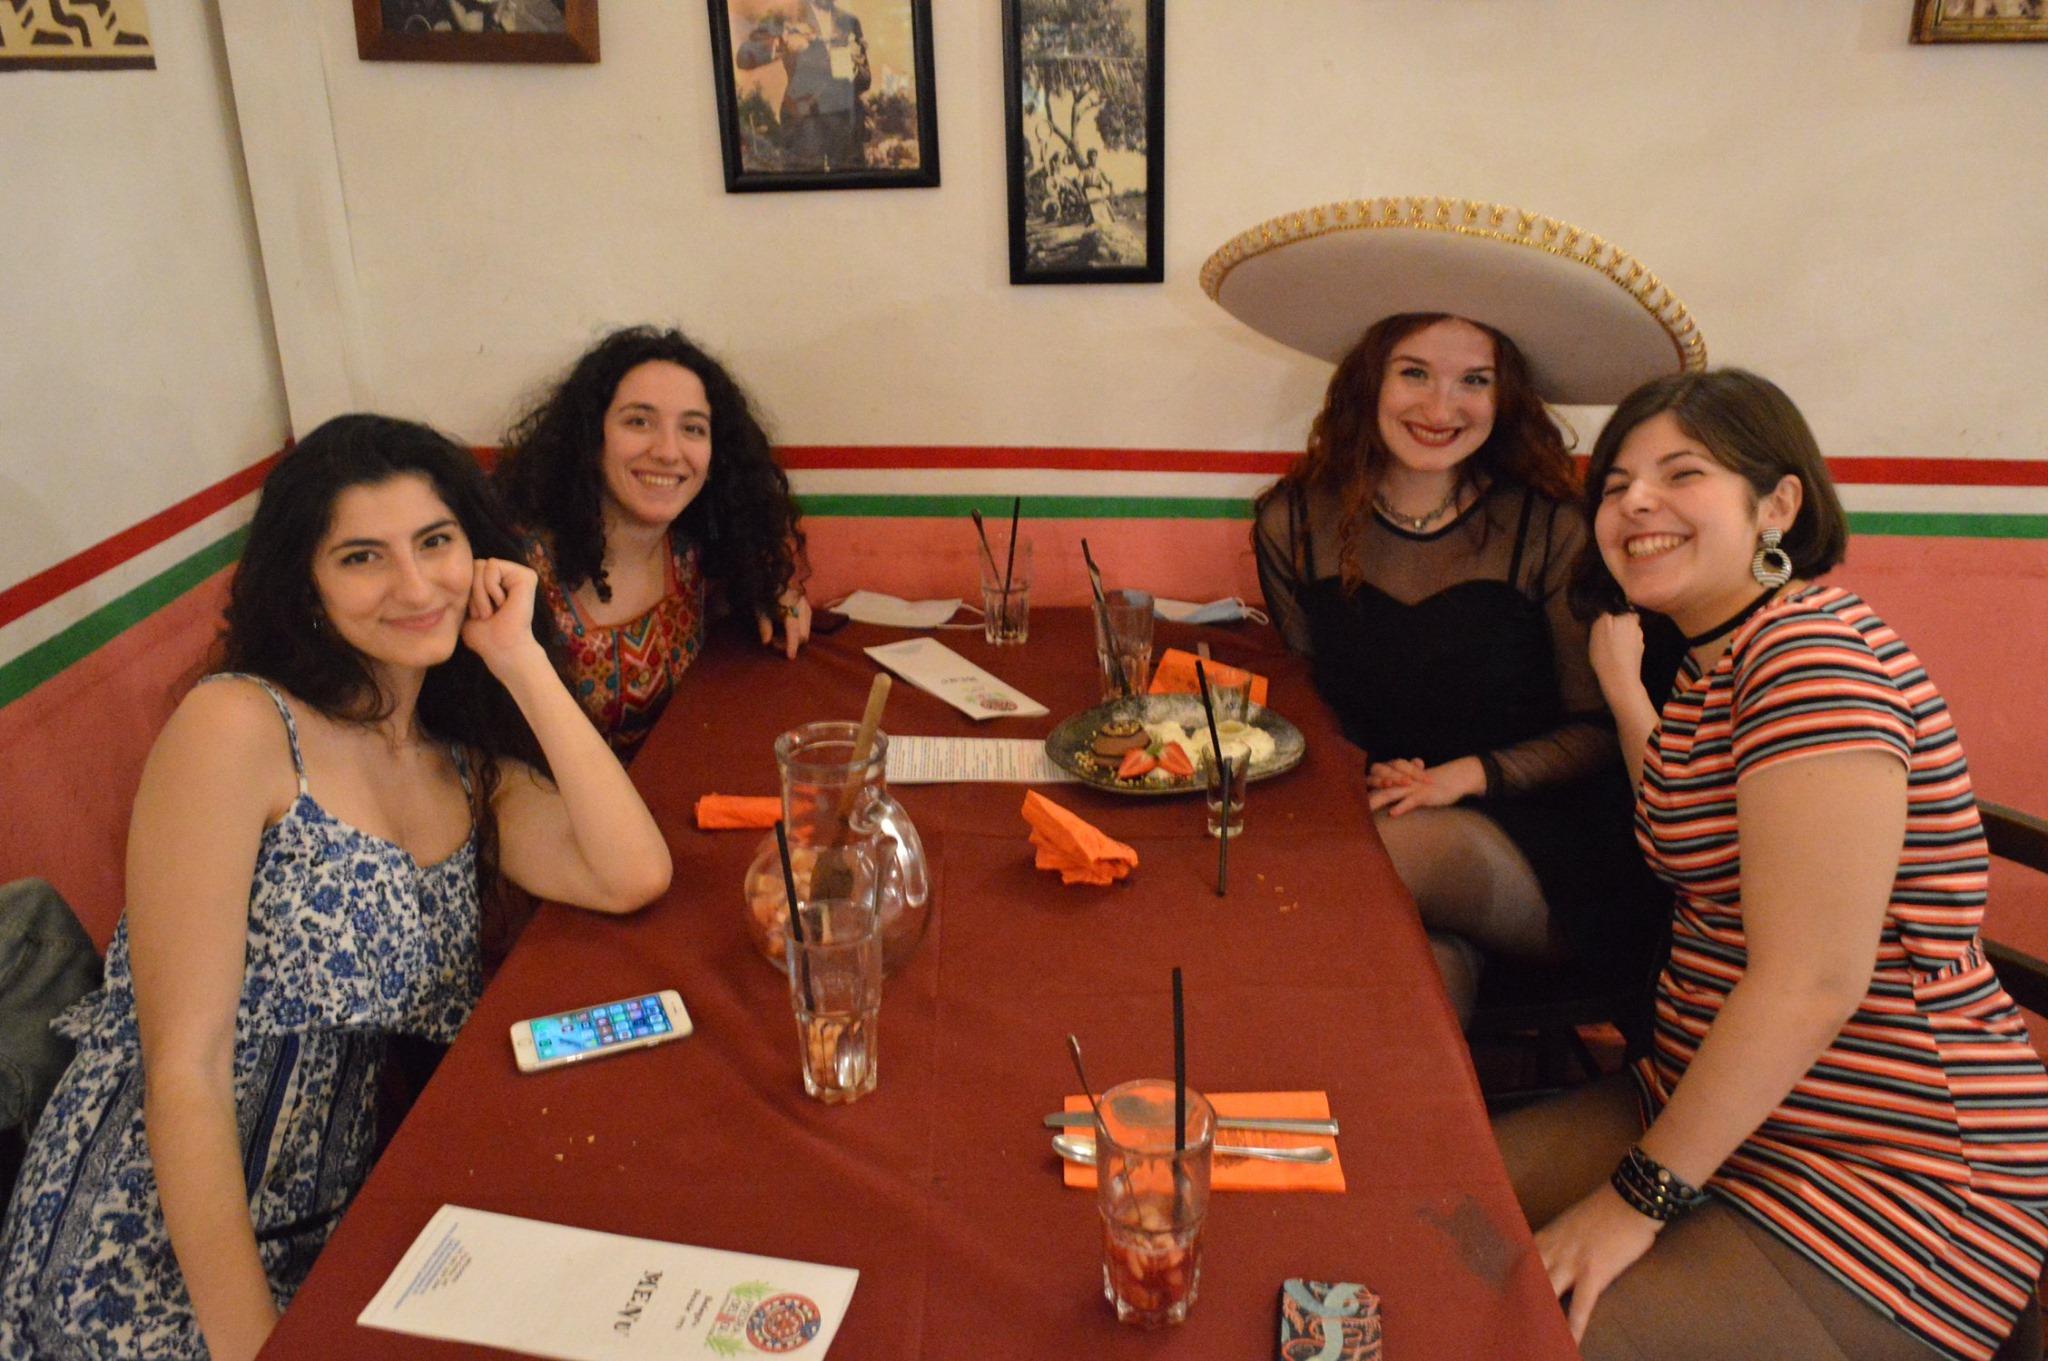 compleaano-festa-ristorante-messicano